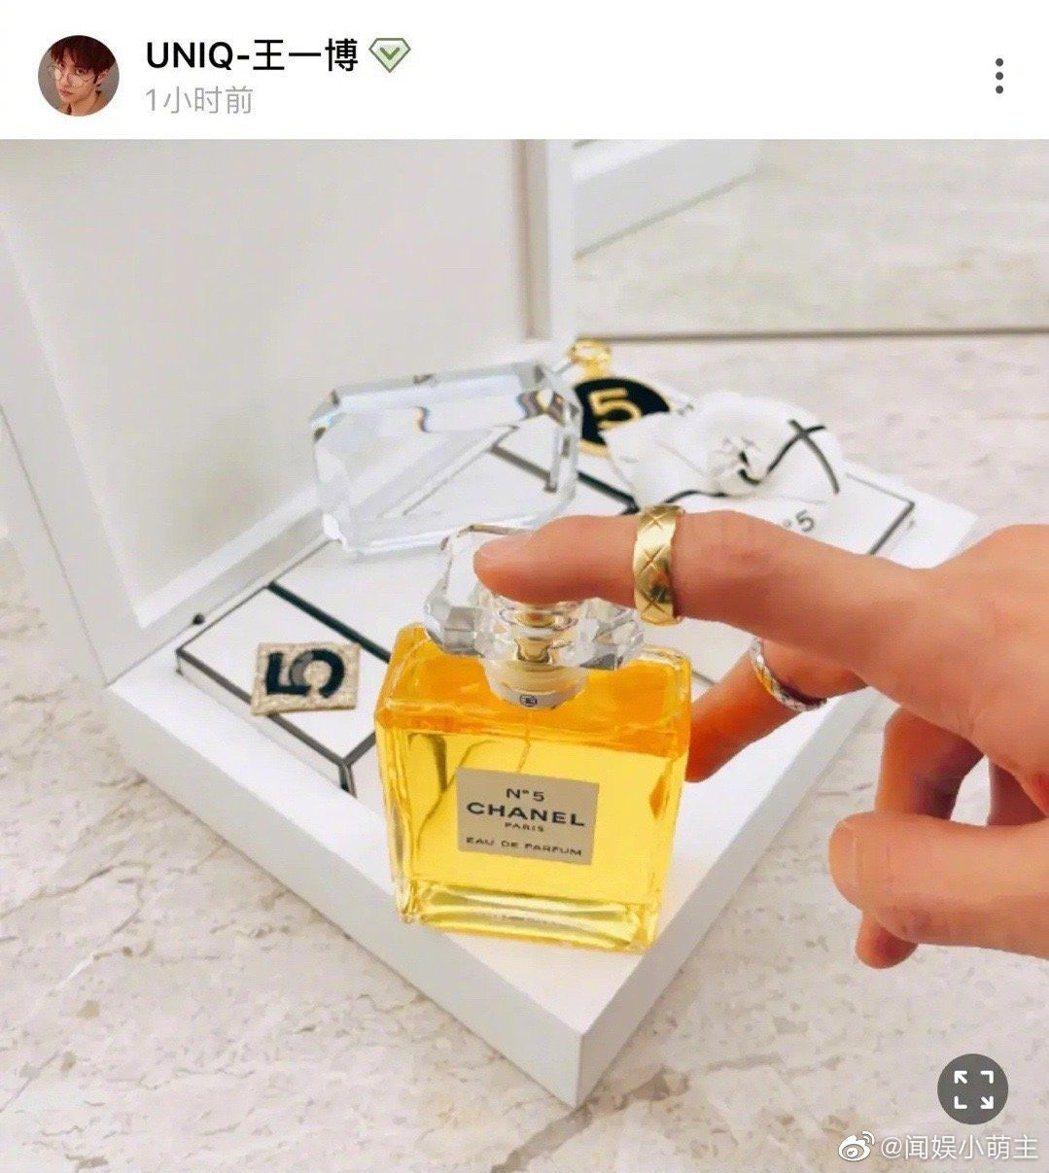 王一博照片中戒指的反射倒影中出現一名長髮女子。 圖/擷自微博